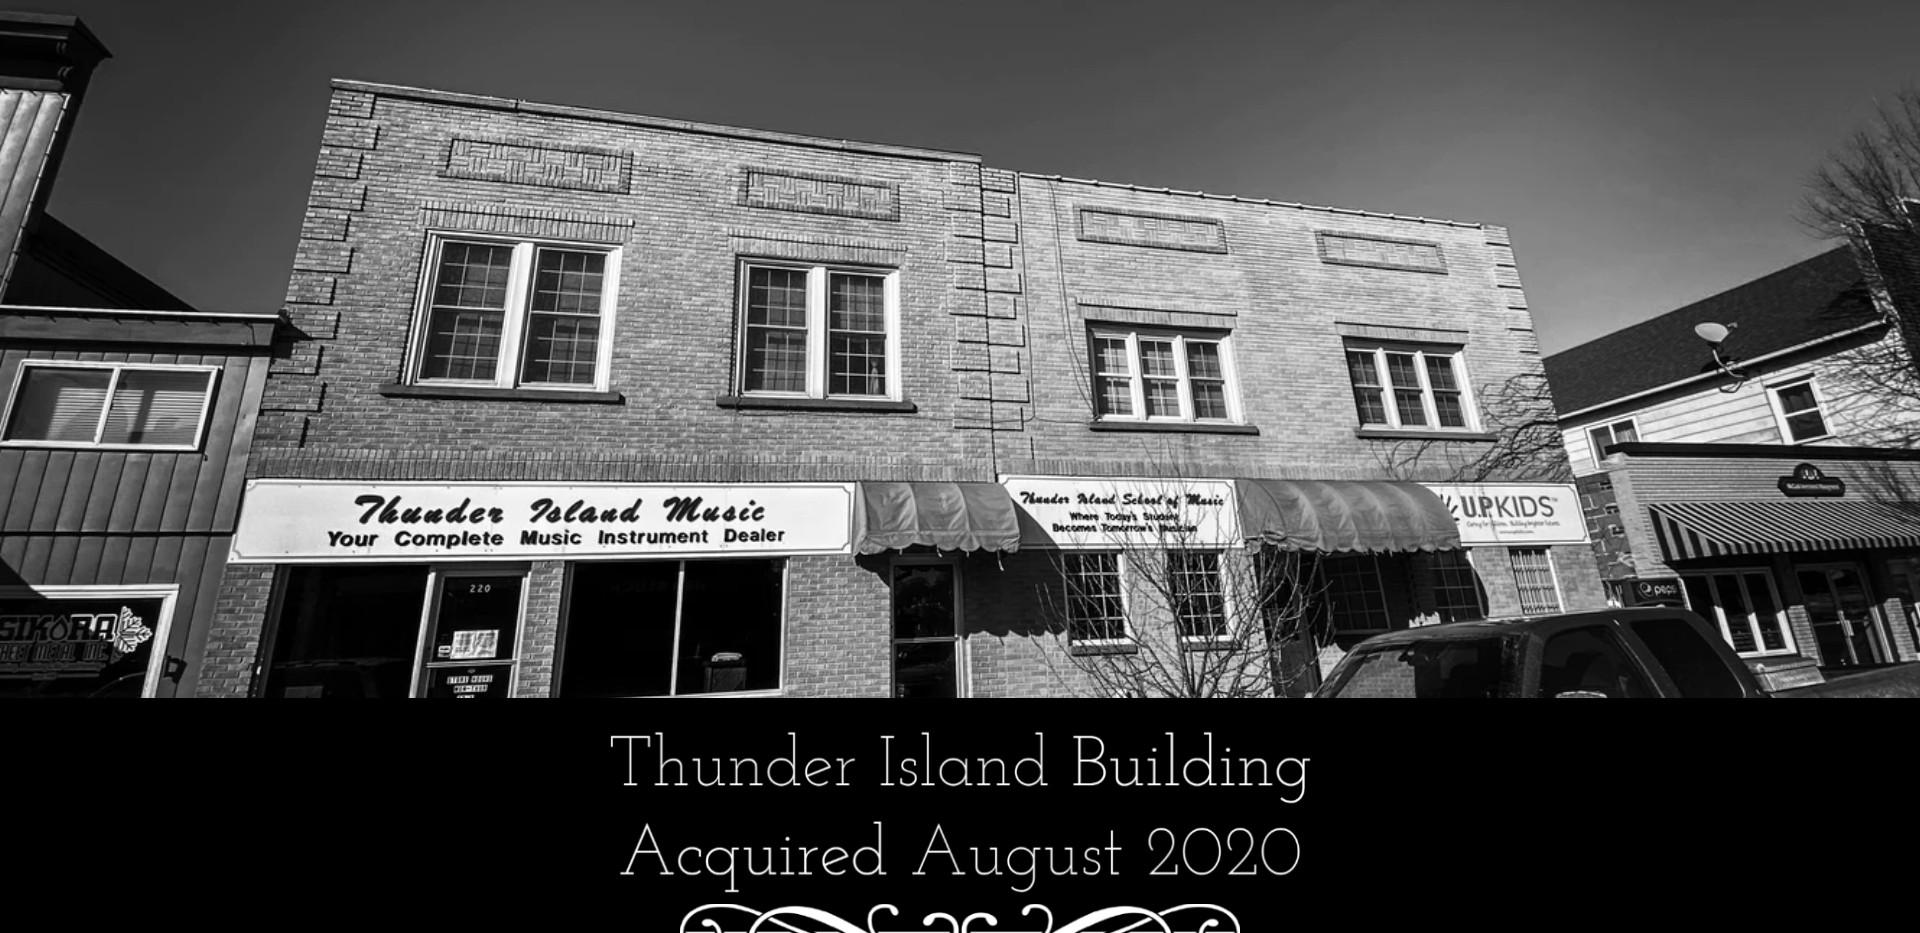 Thunder Island Building, Iron Mountain MI